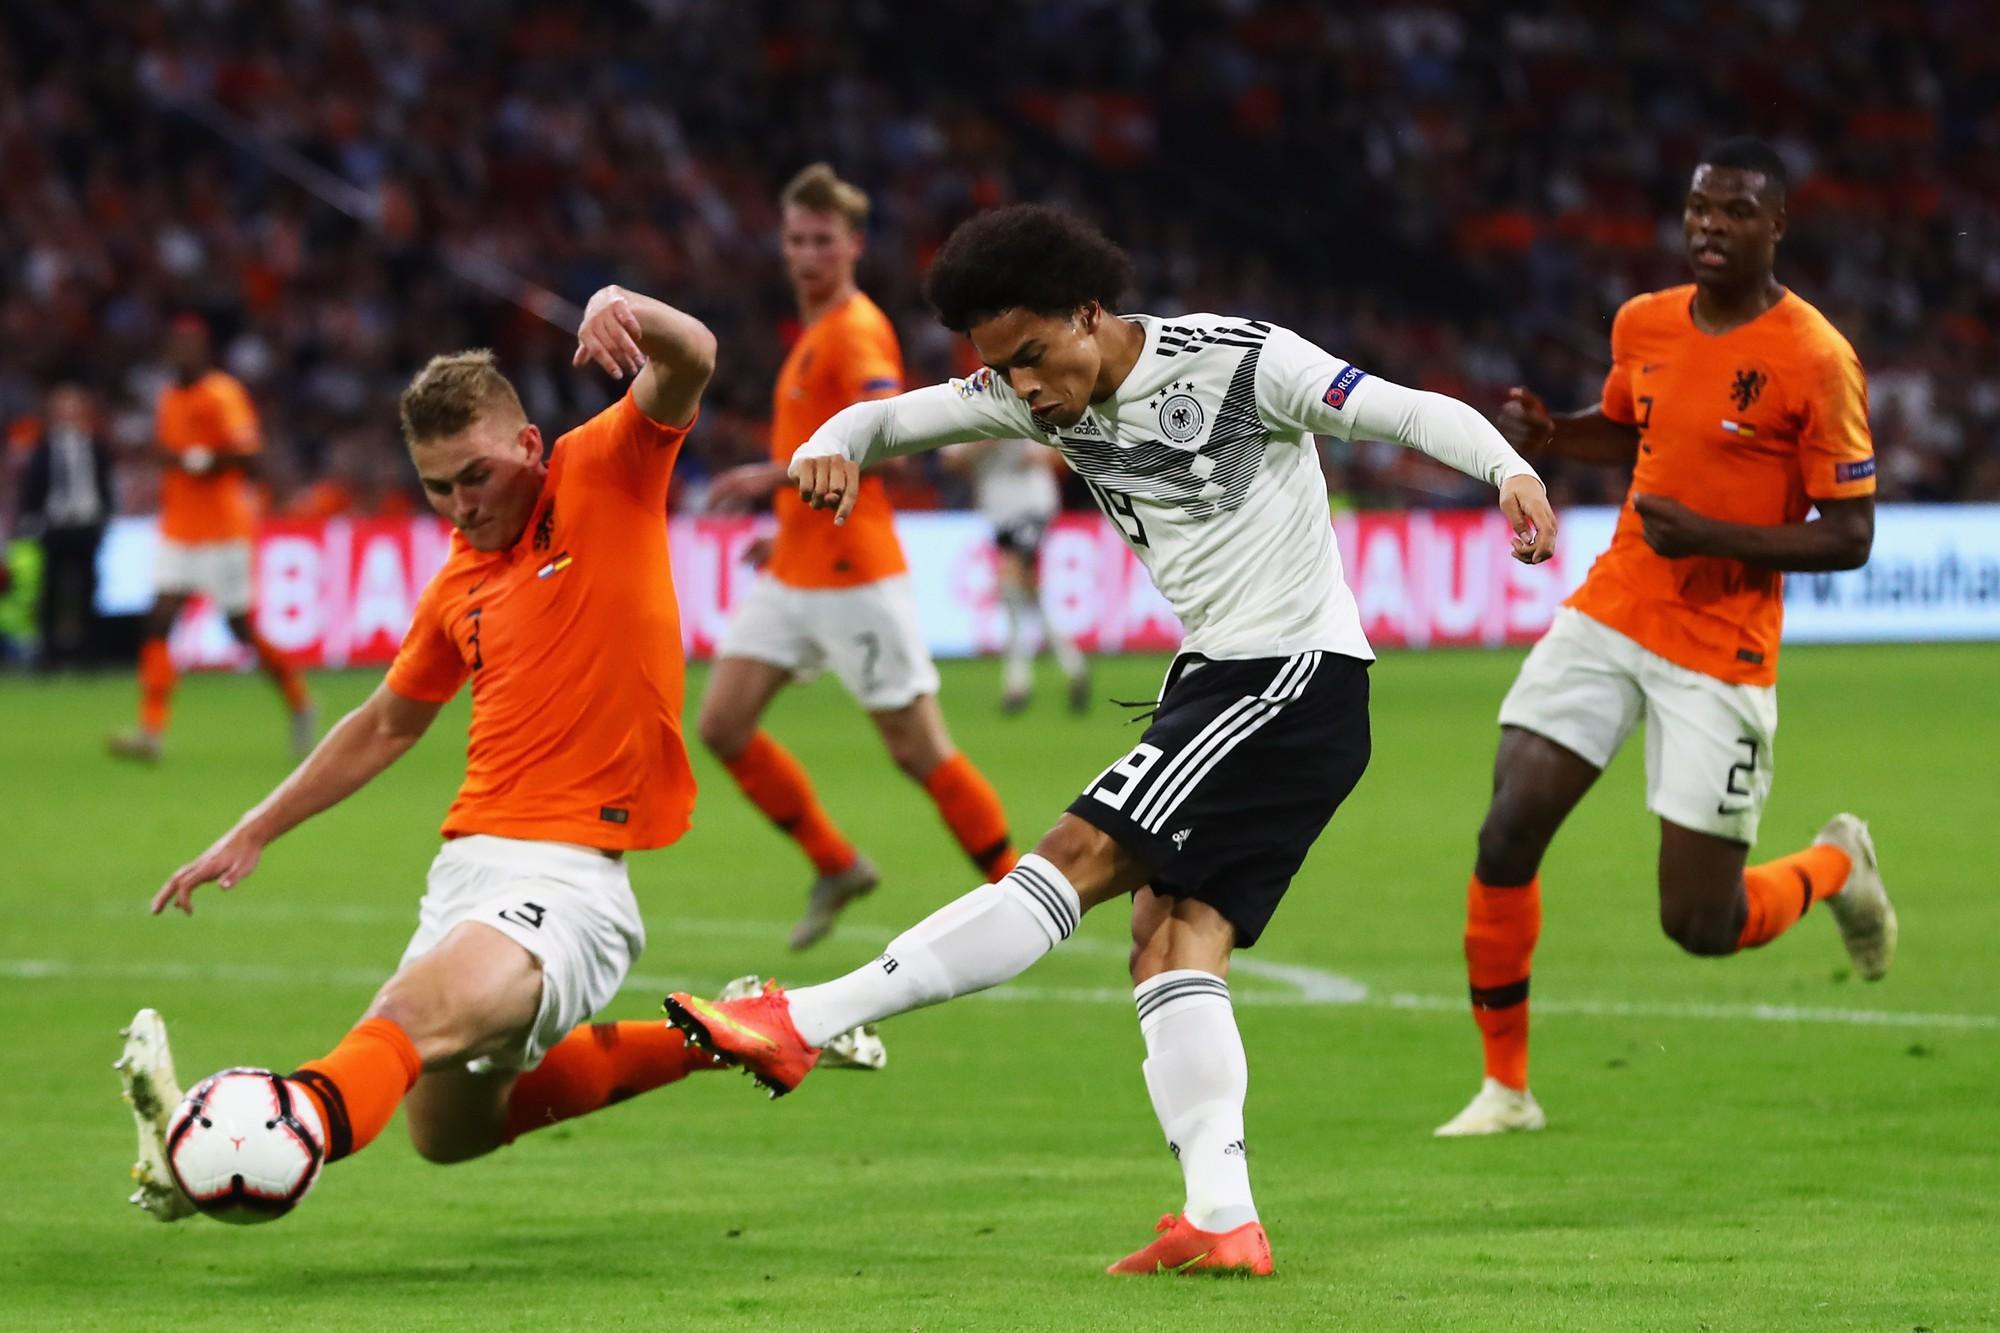 Tuyển Đức lần đầu thua sấp mặt khó tin trước Hà Lan - Ảnh 6.